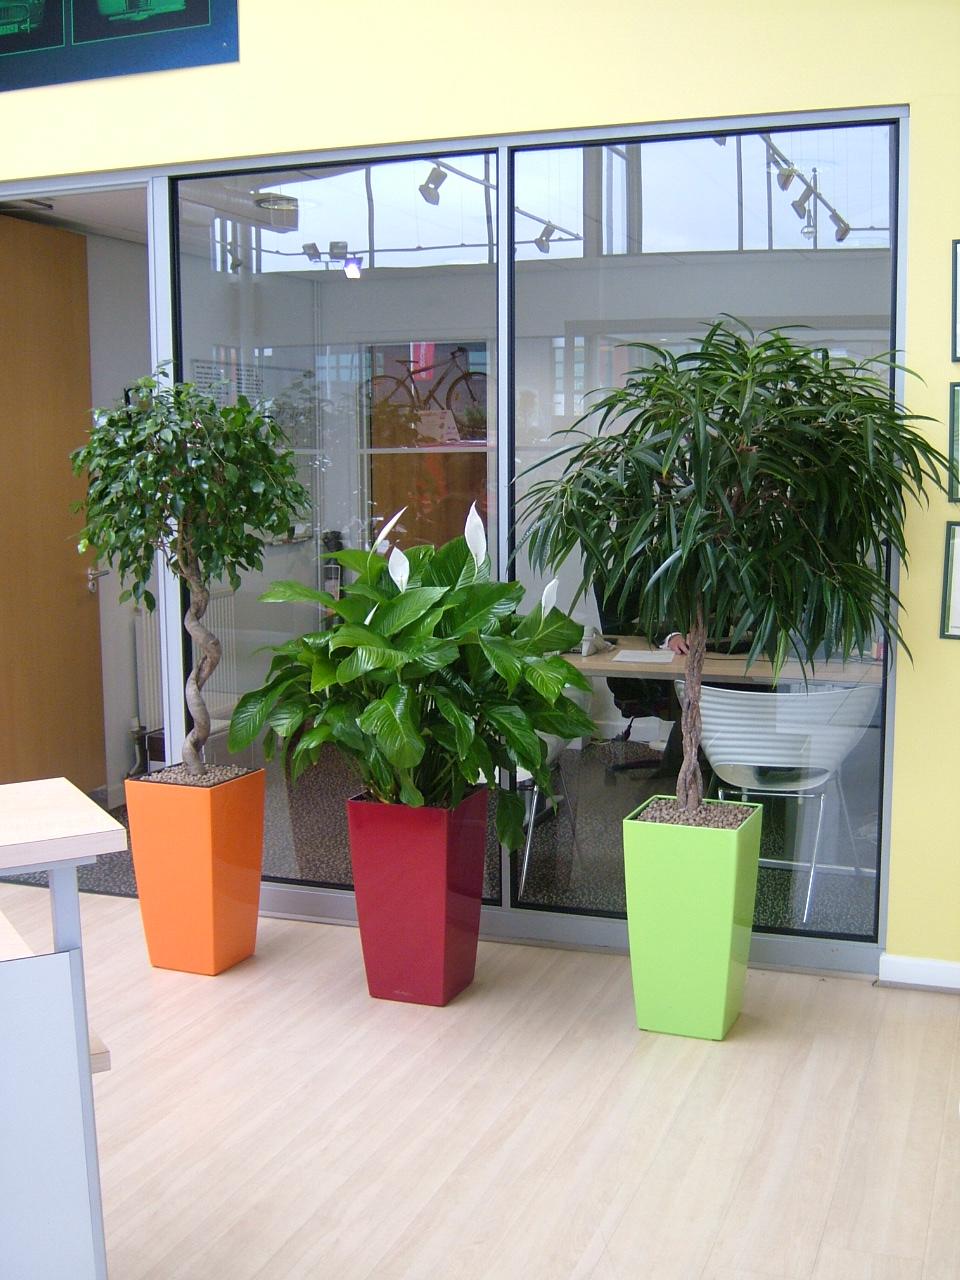 Living plants rent indoor large living plants - Enhancing work efficiency home indoor plants ...